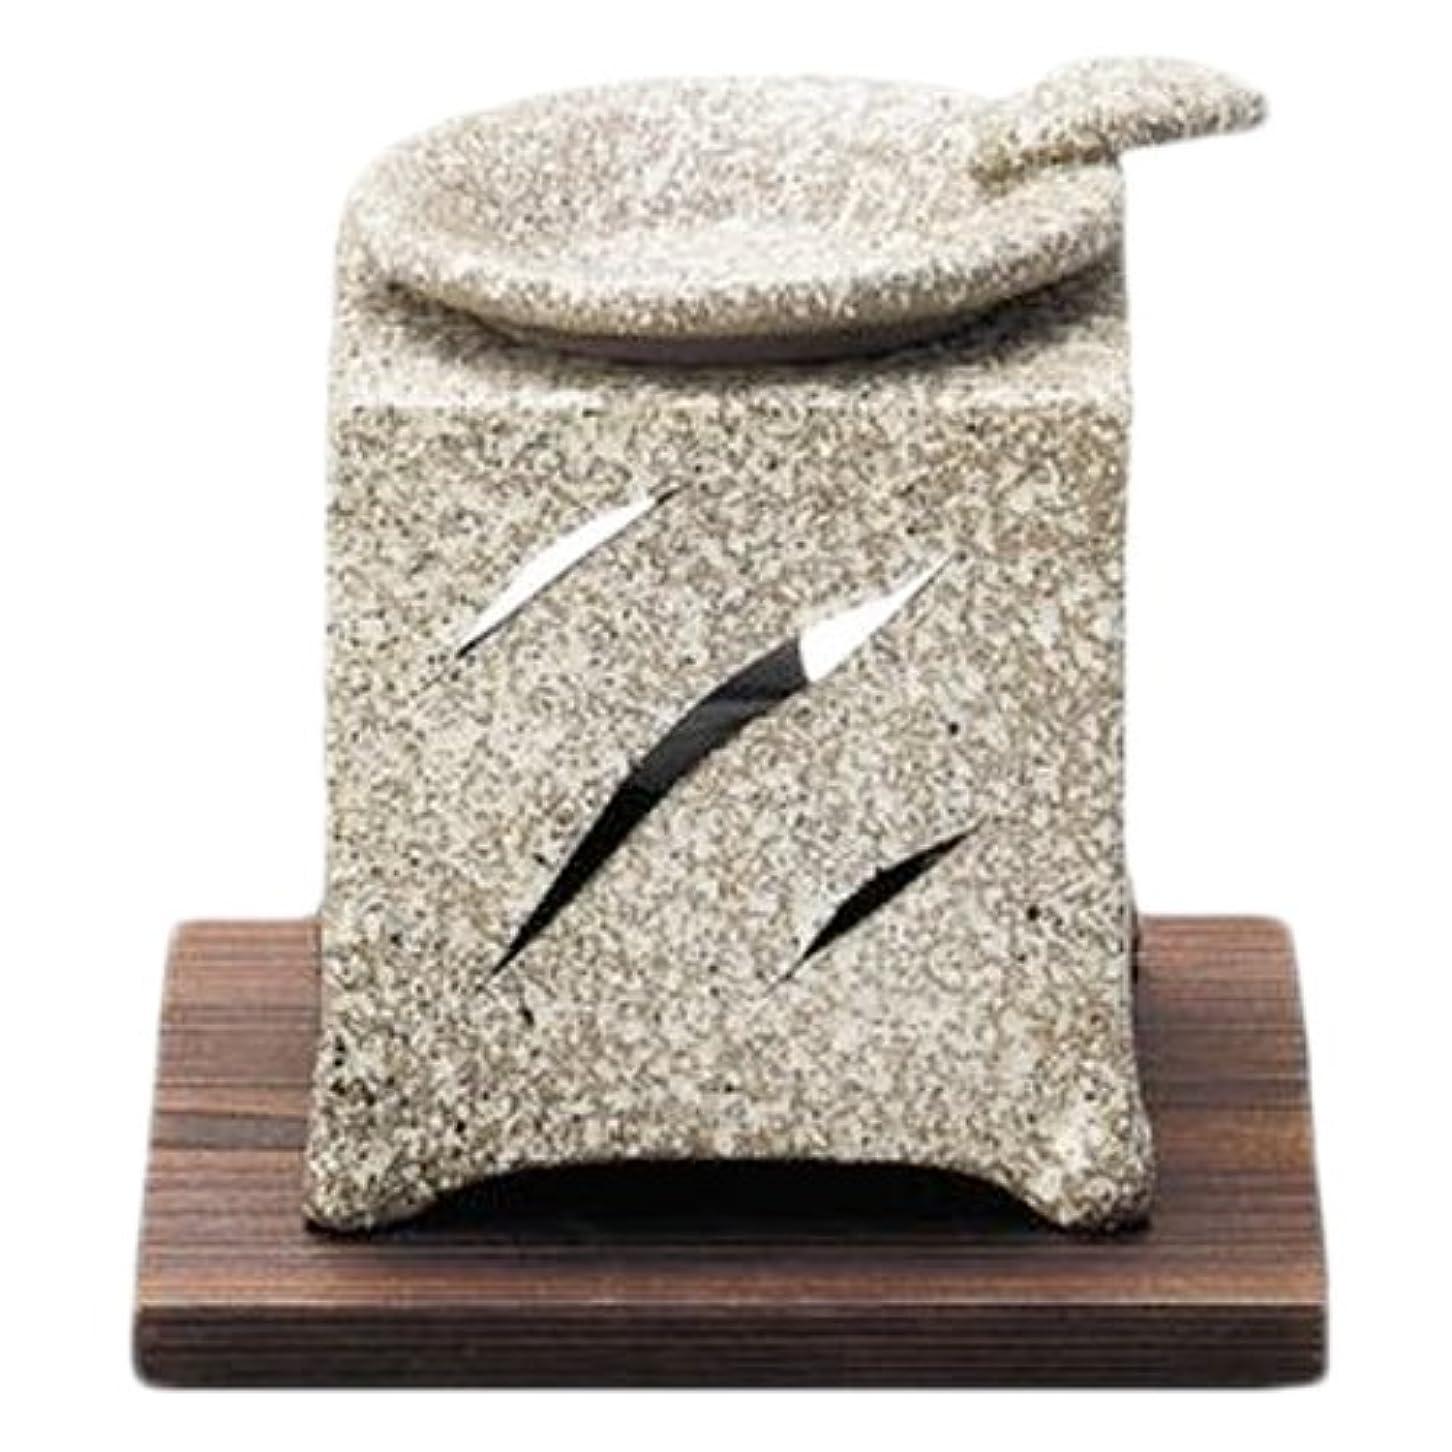 宝夏ラッチ常滑焼5-261山房 石風角形茶香炉 AM-T1054